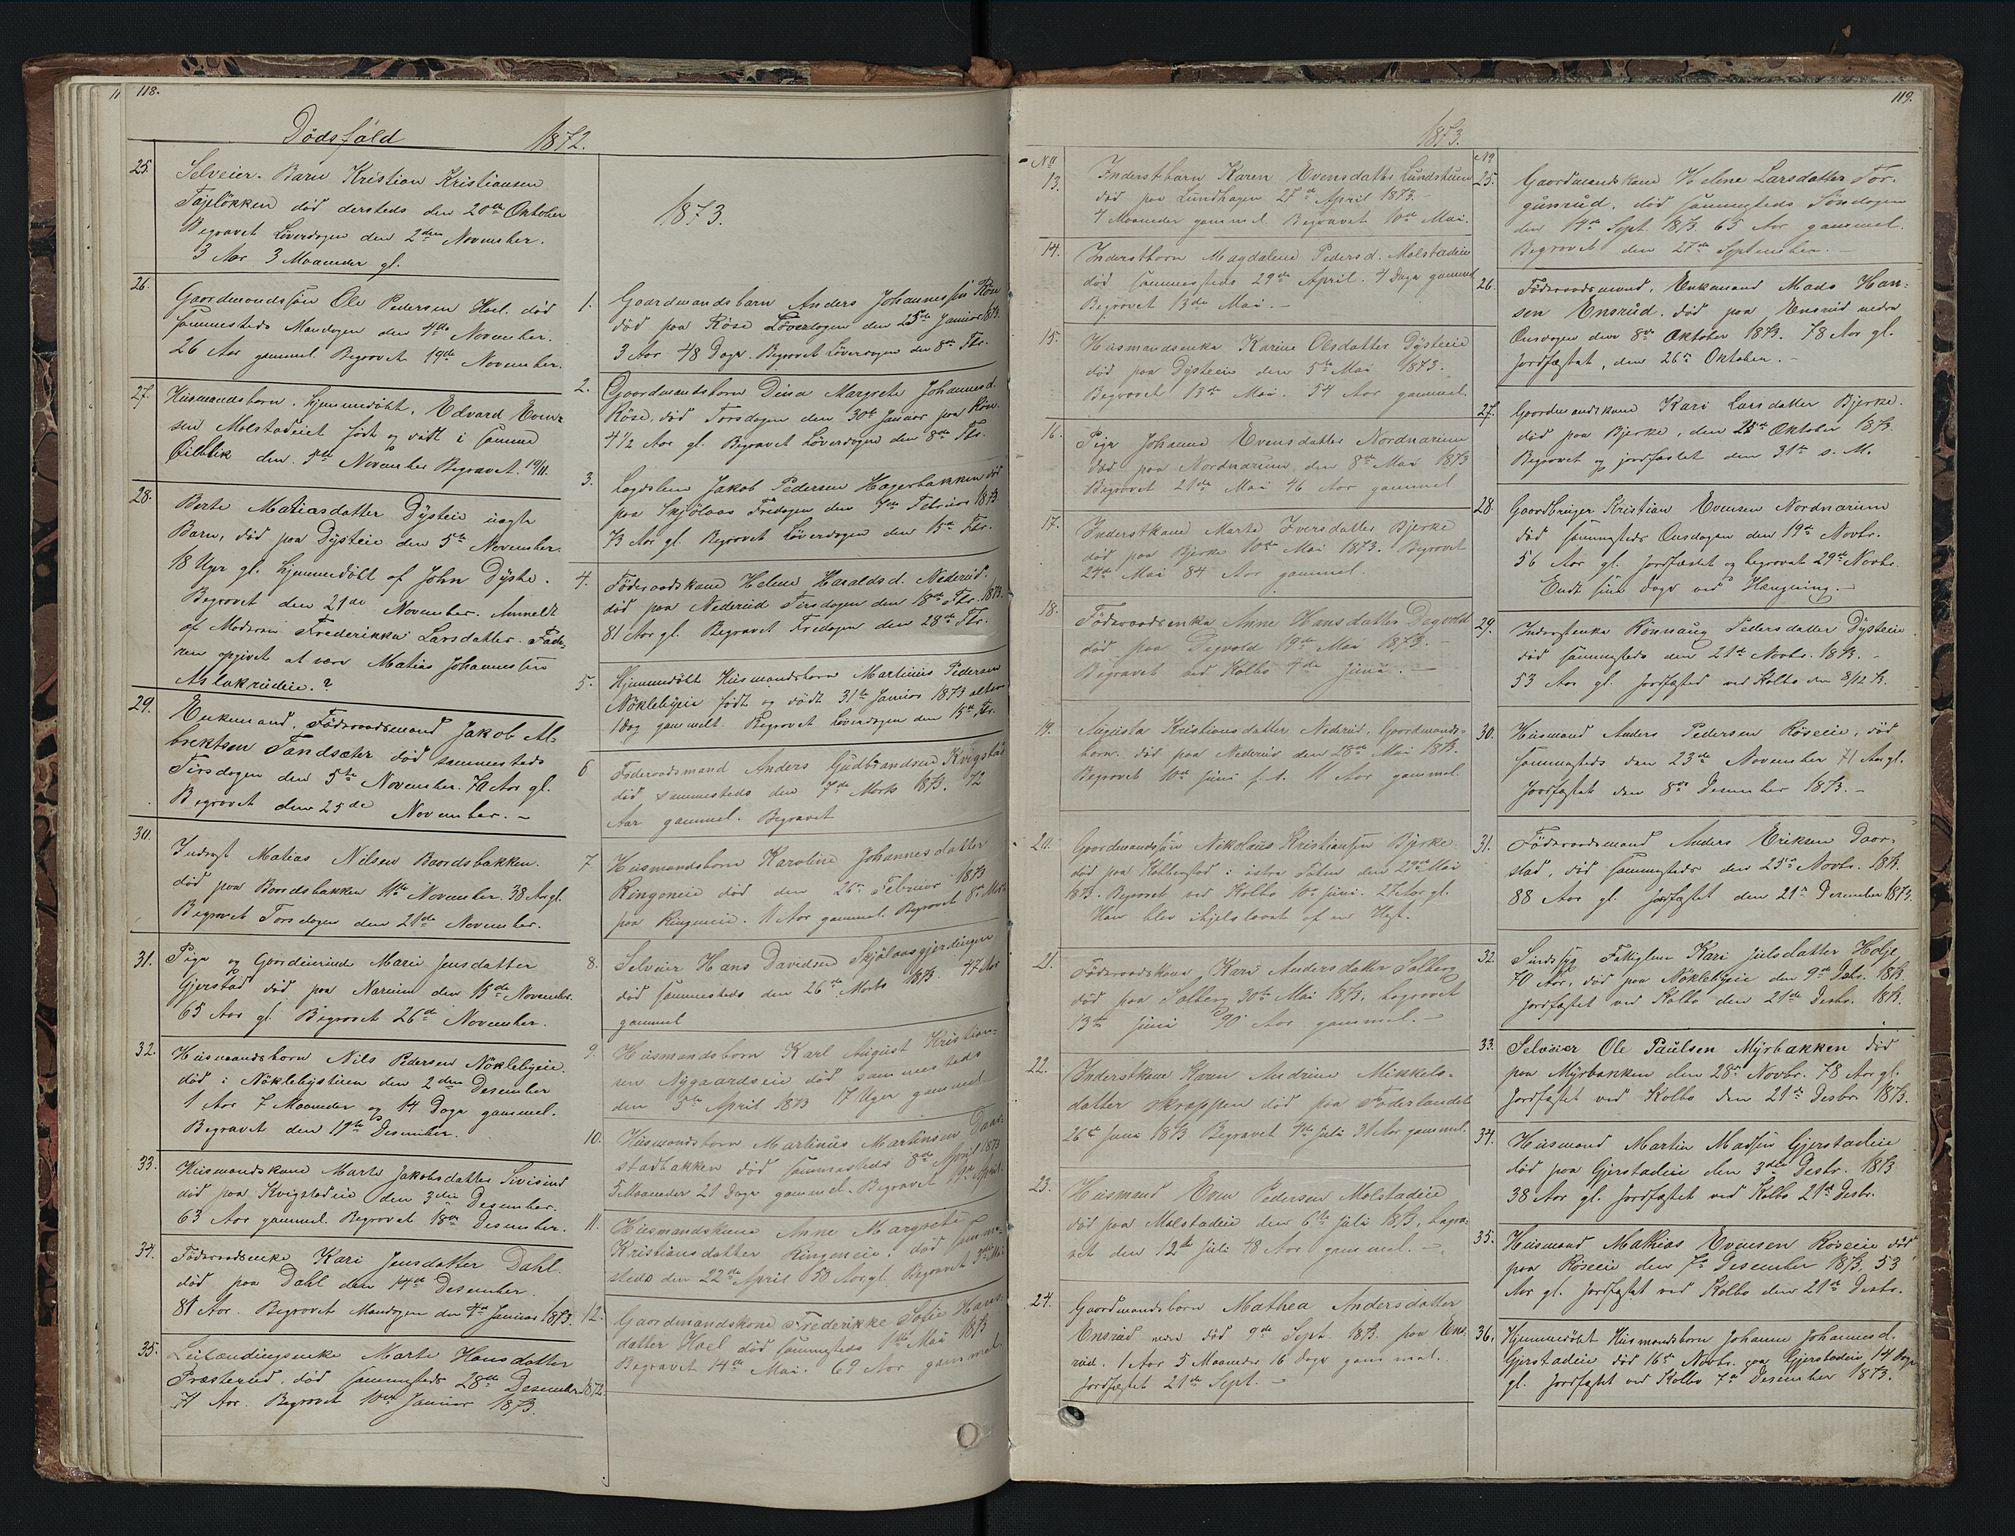 SAH, Vestre Toten prestekontor, Klokkerbok nr. 7, 1872-1900, s. 118-119